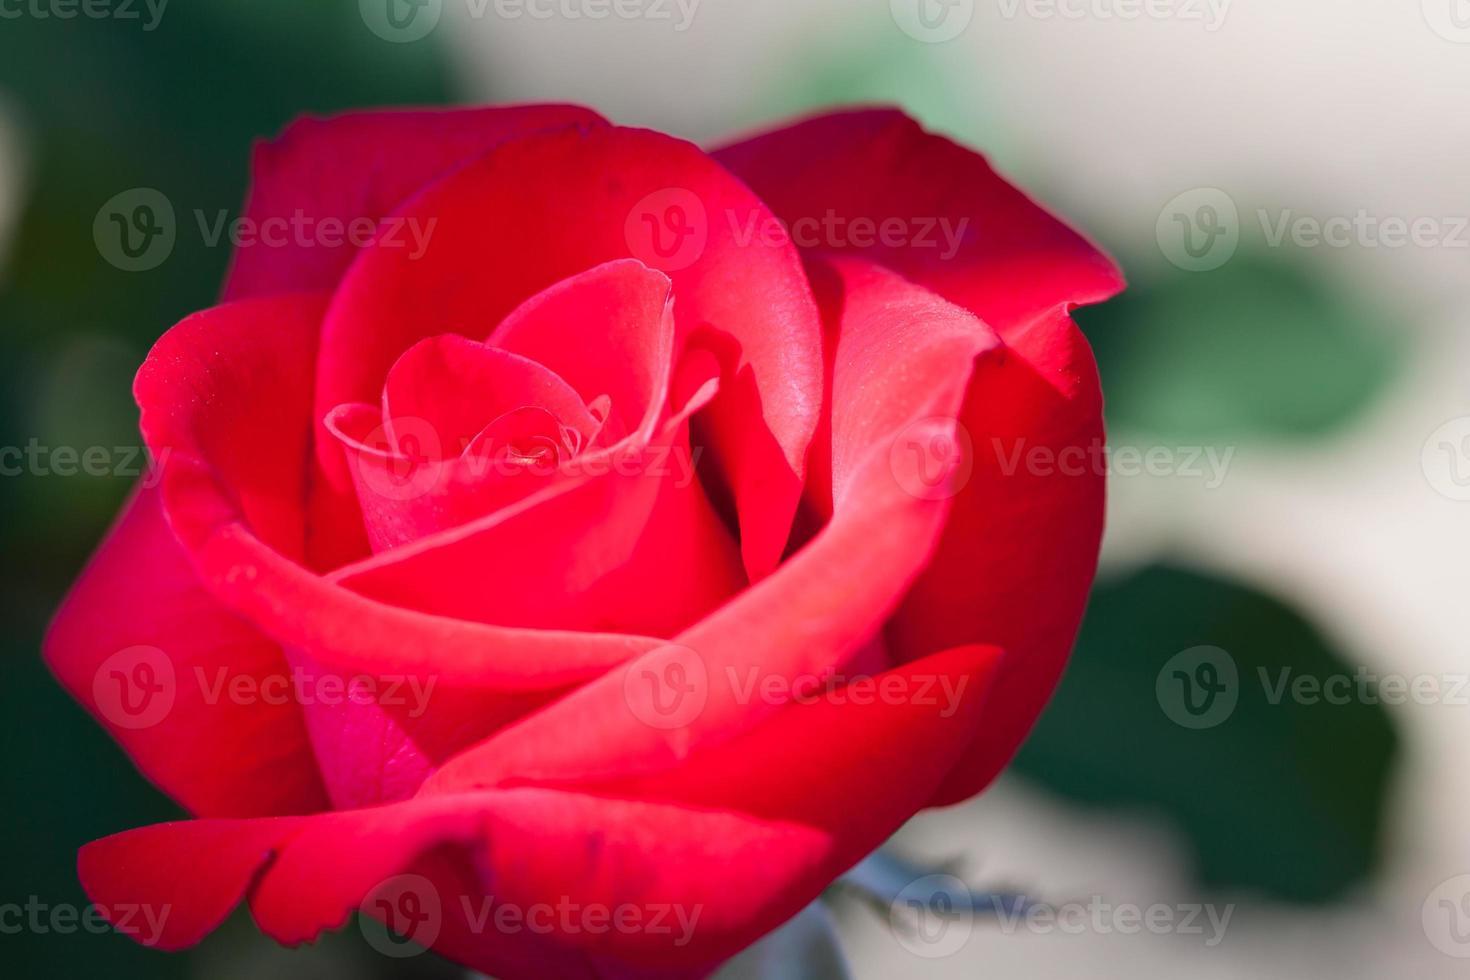 roses se bouchent. Contexte photo